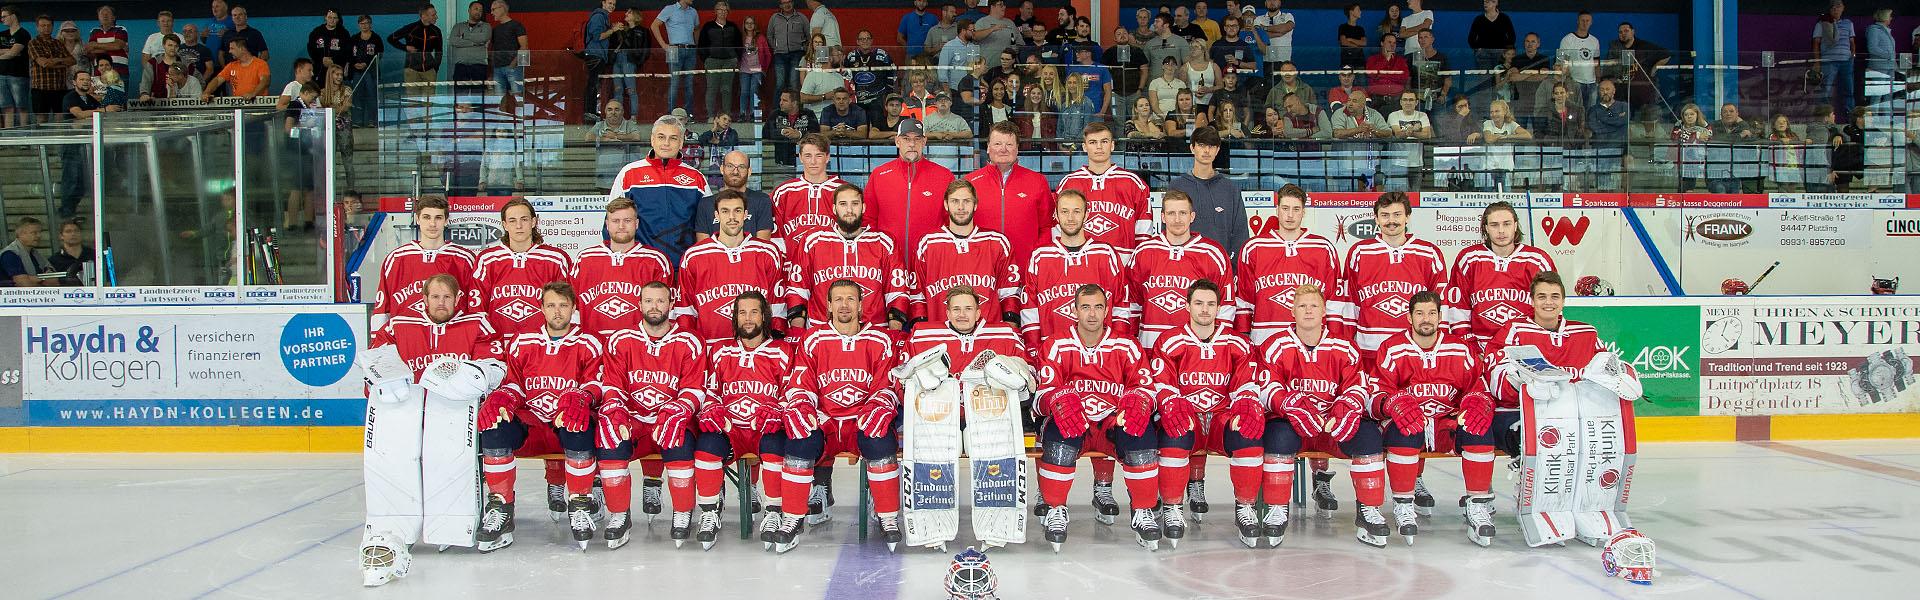 Eishockeymannschaft DSC